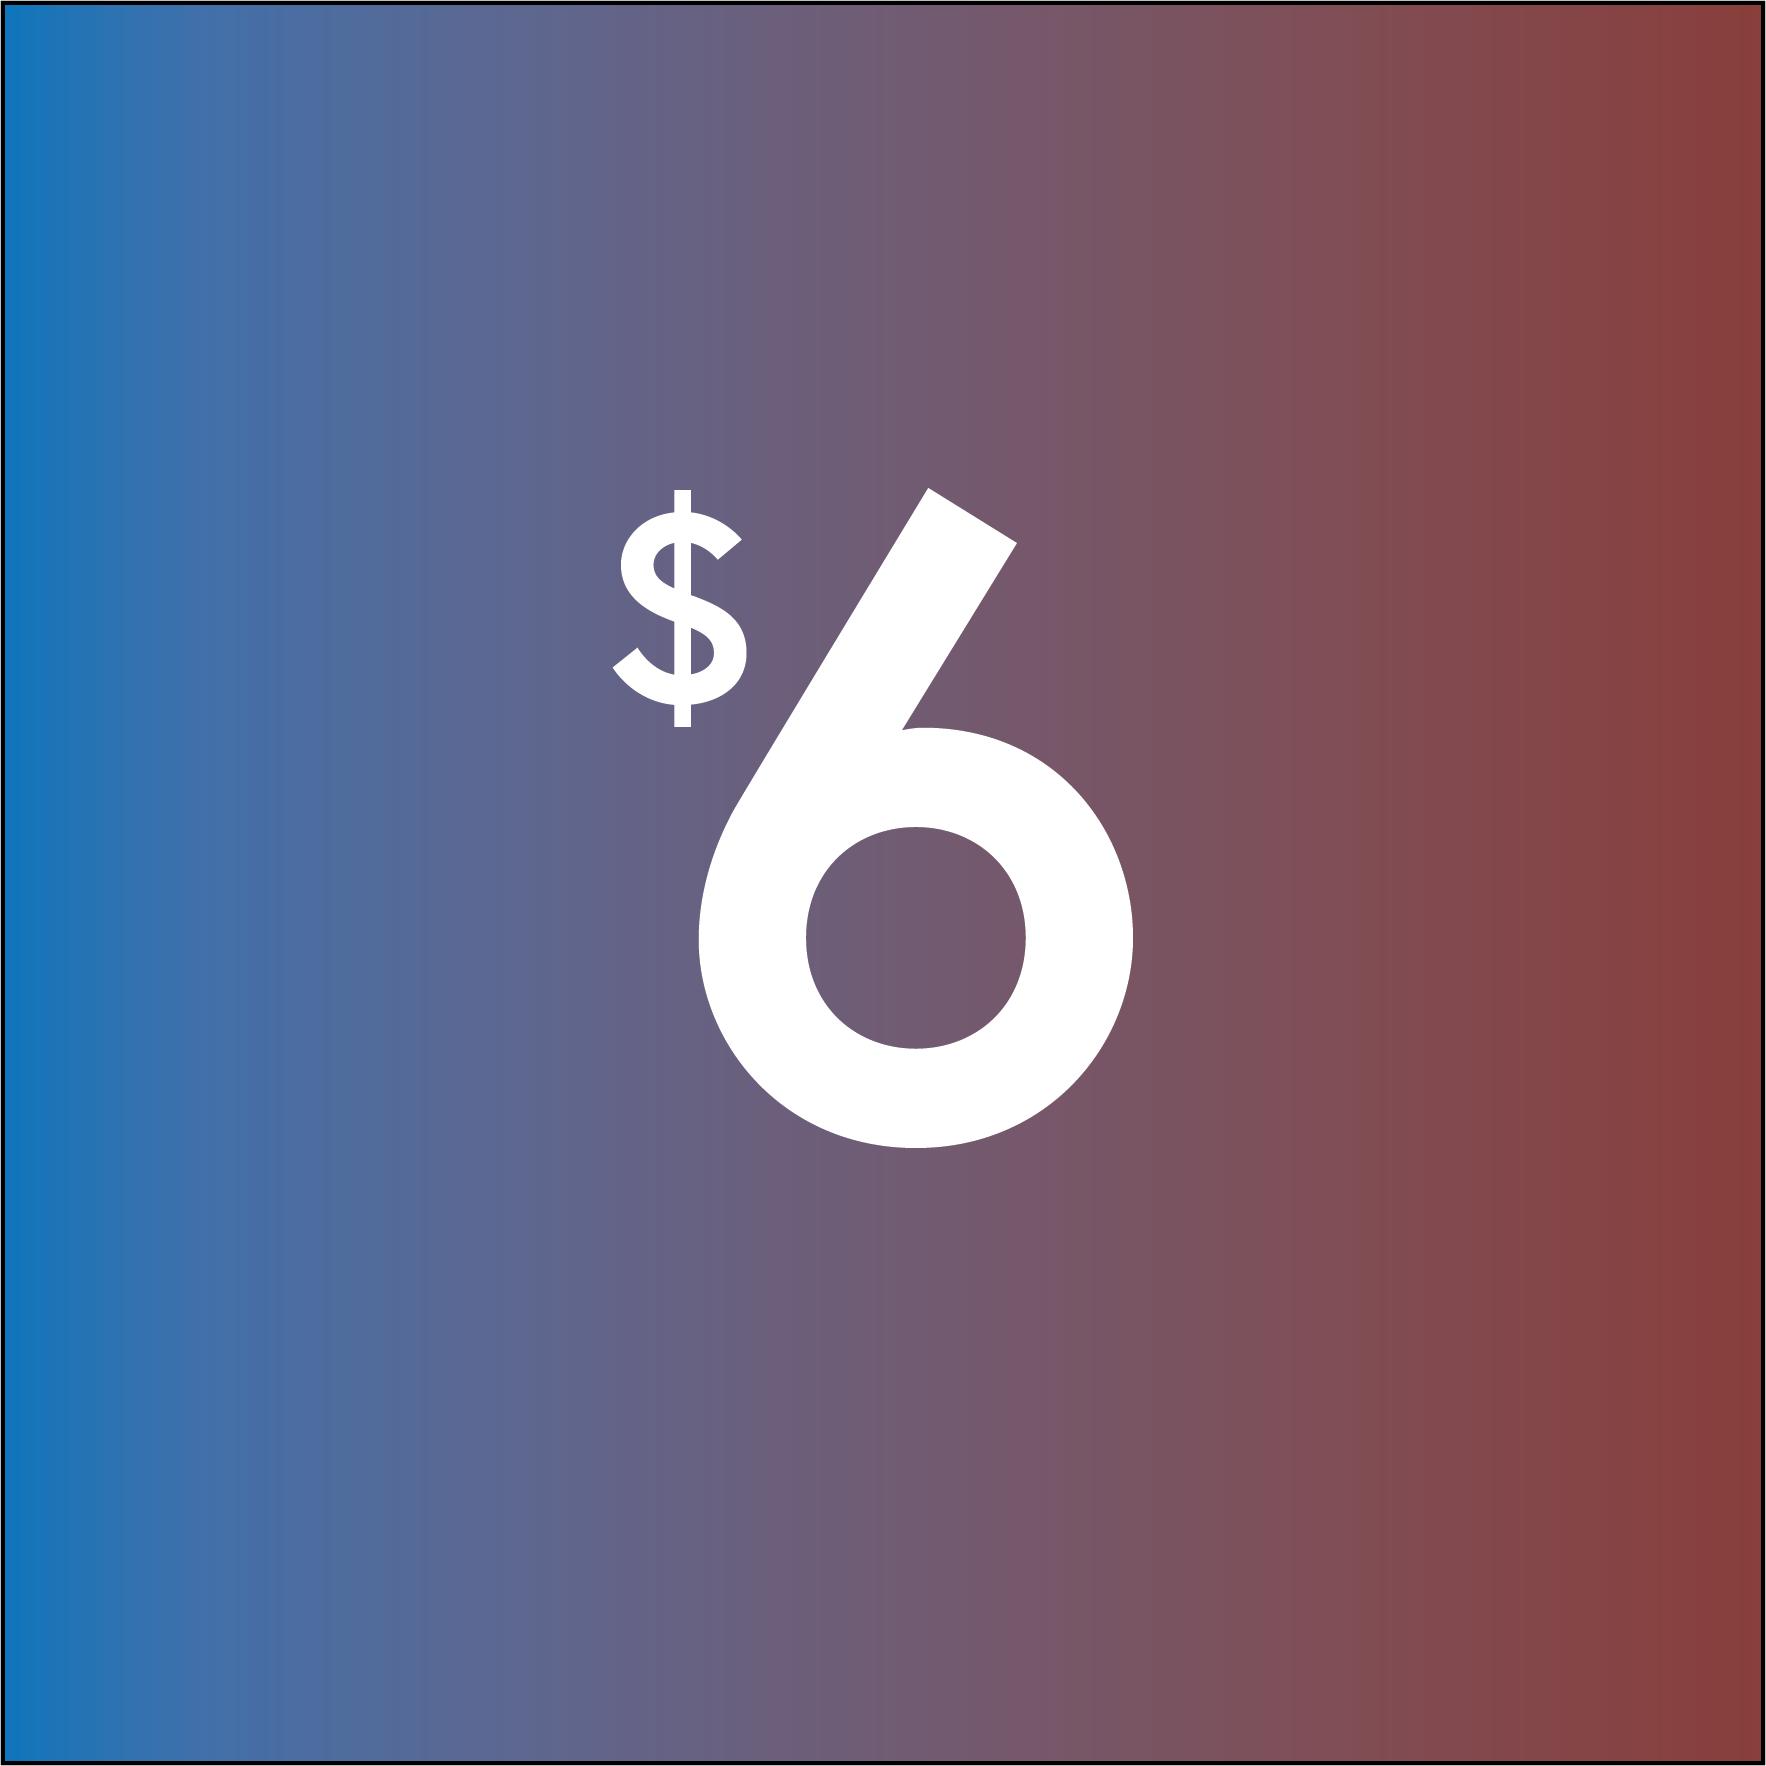 $6 Option